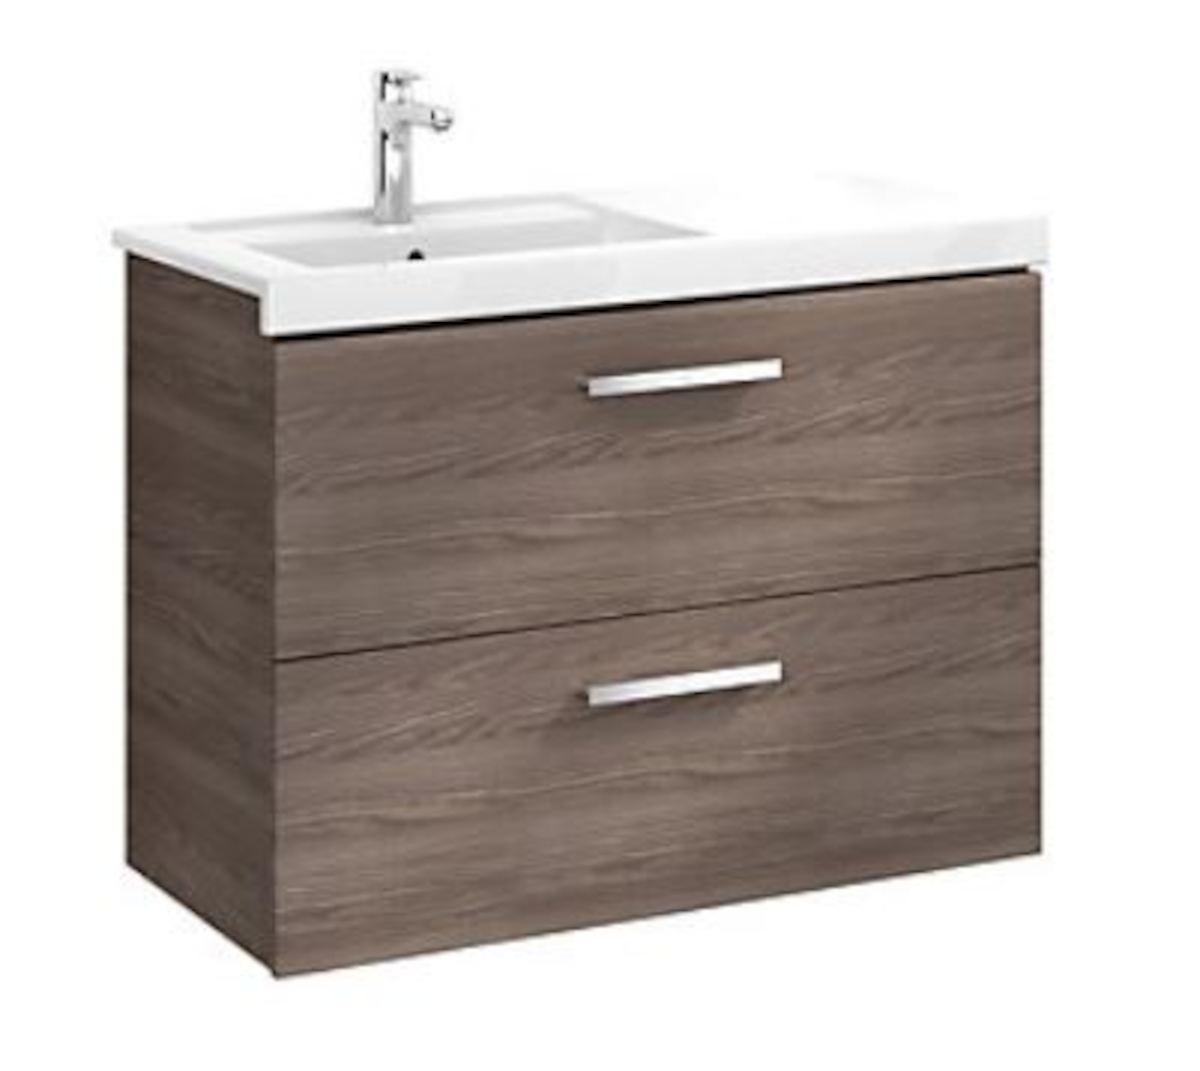 Kúpeľňová skrinka pod umývadlo Roca Prisma 90x46x66,7 cm v dekore jaseň A856883321